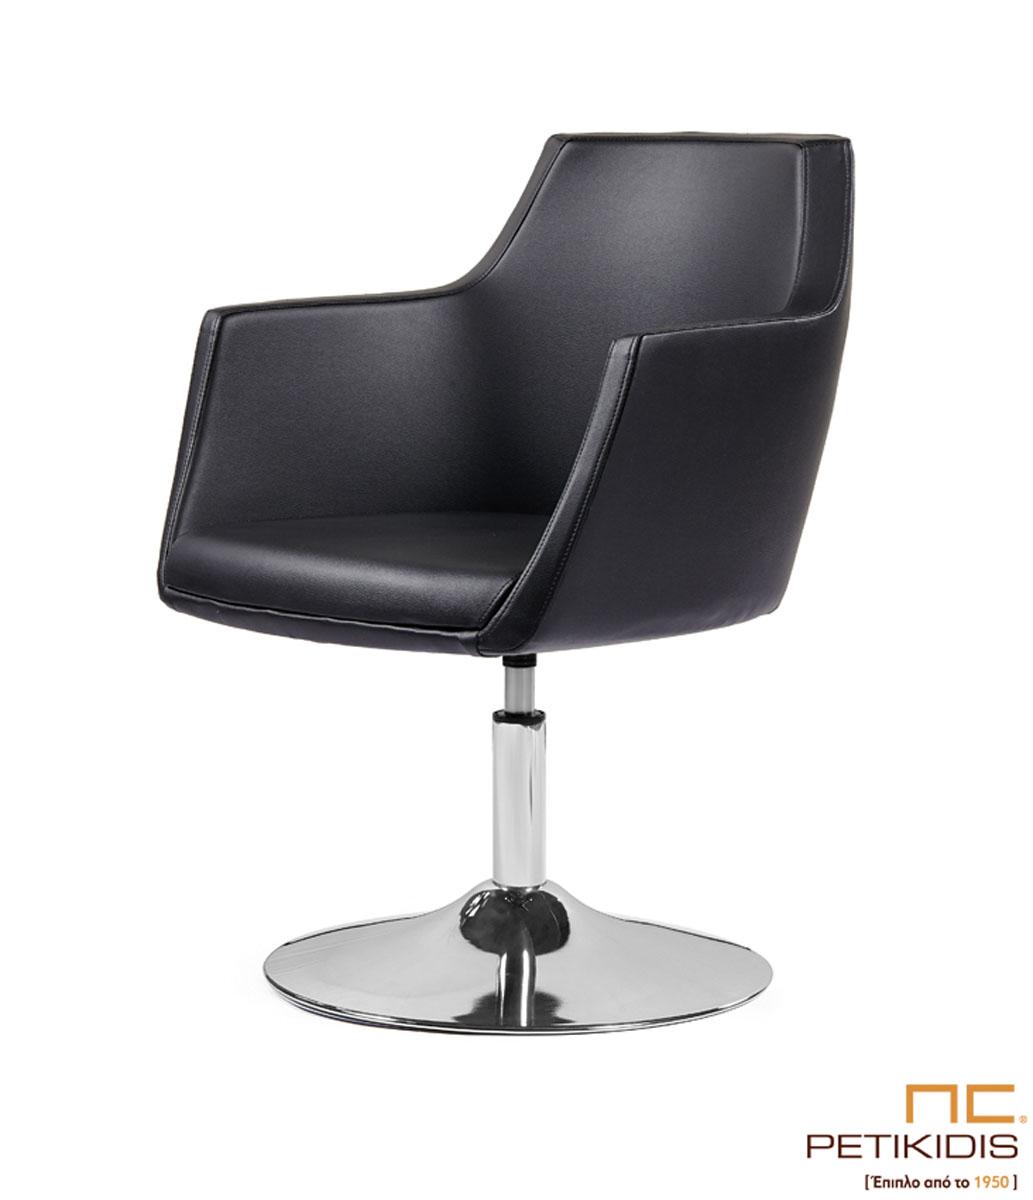 Καρεκλοπολυθρόνα Νο149-28 με μεταλλική βάση και αμορτισέρ για εργασιακό χώρο. Ιδιαίτερη άνεση και σχεδιασμός.